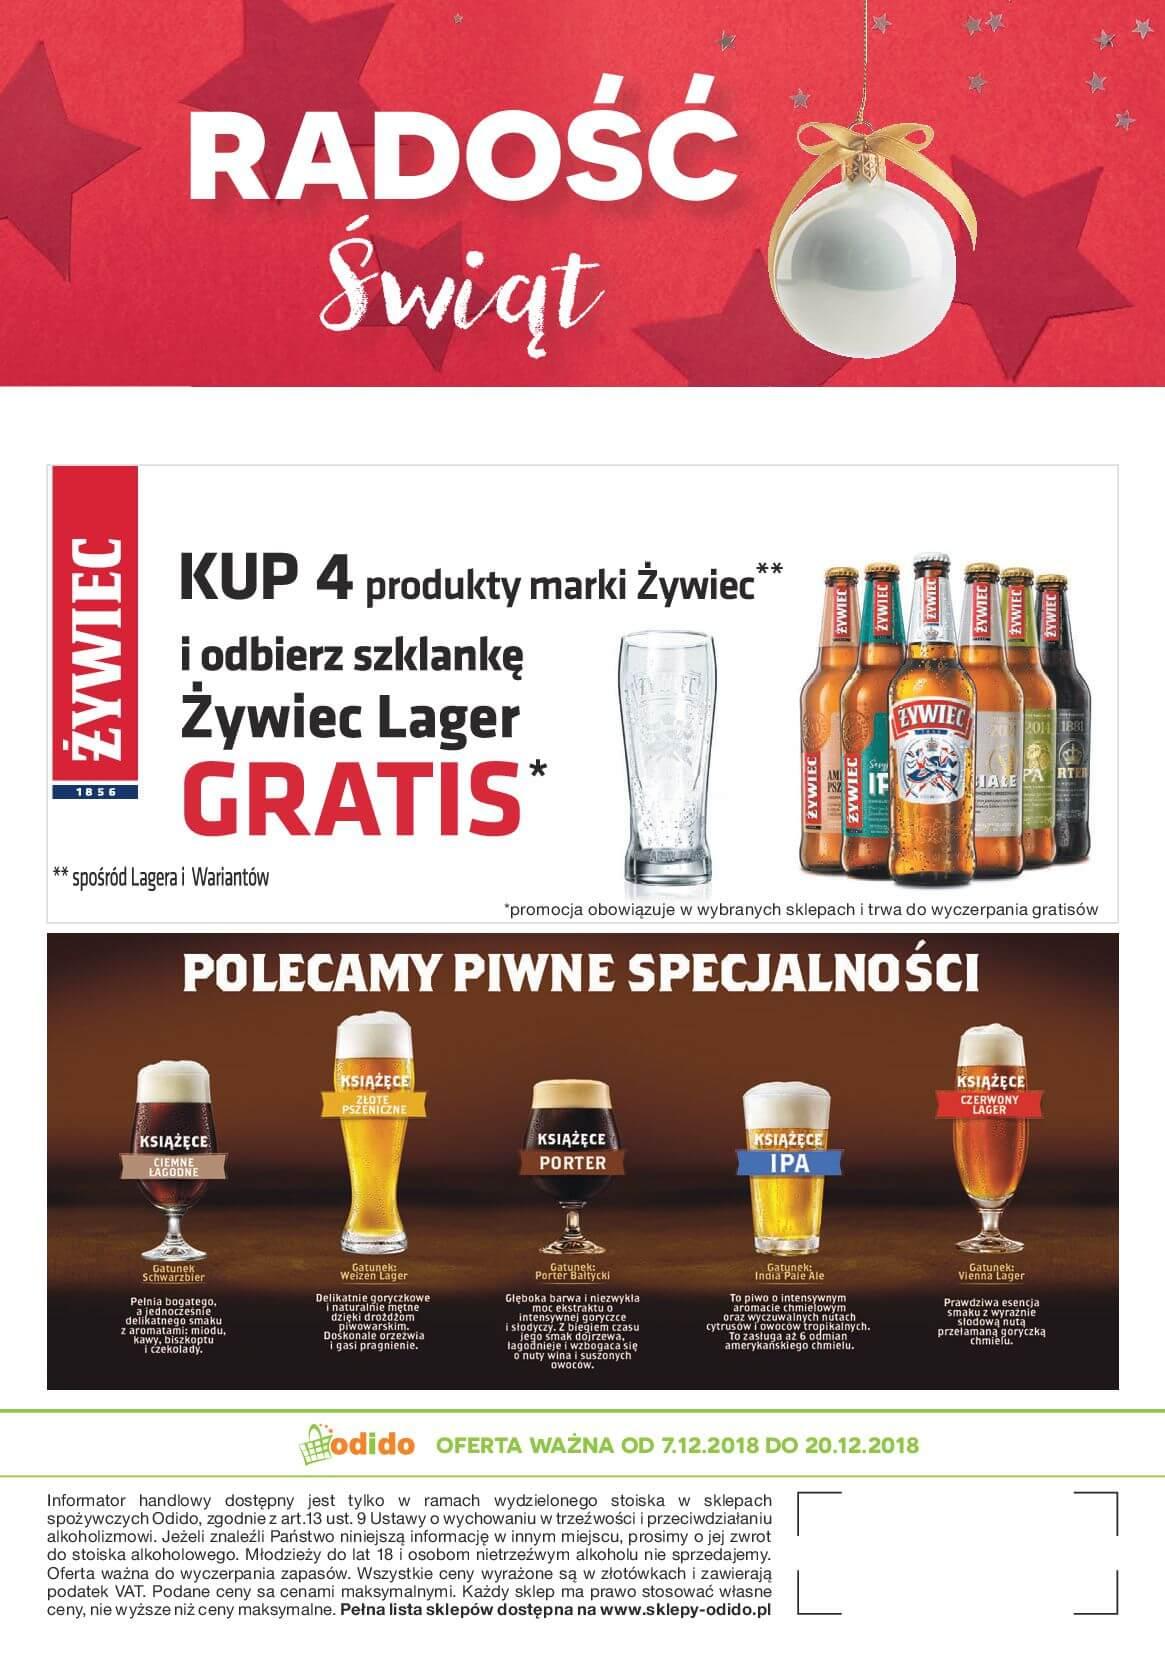 Gazetka Odido - RADOŚĆ Świąt-05.12.2018-20.12.2018-page-